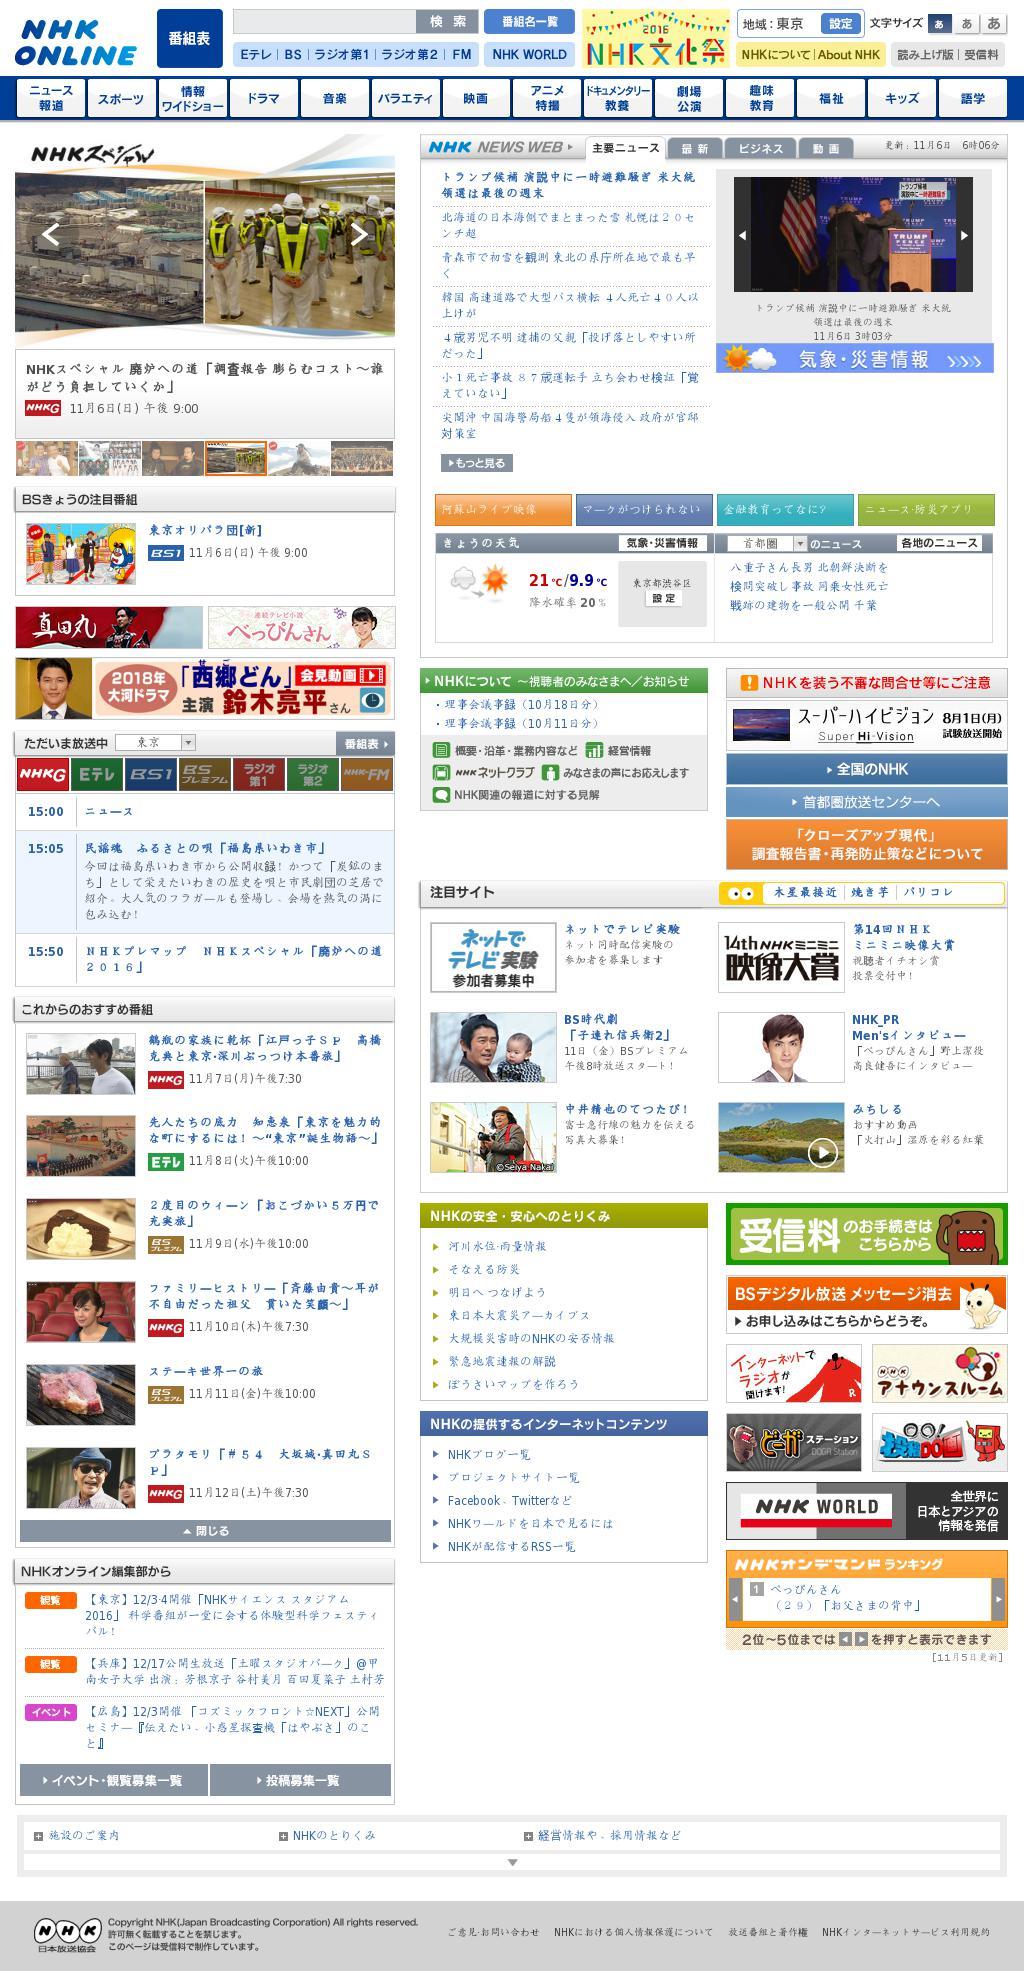 NHK Online at Sunday Nov. 6, 2016, 6:10 a.m. UTC